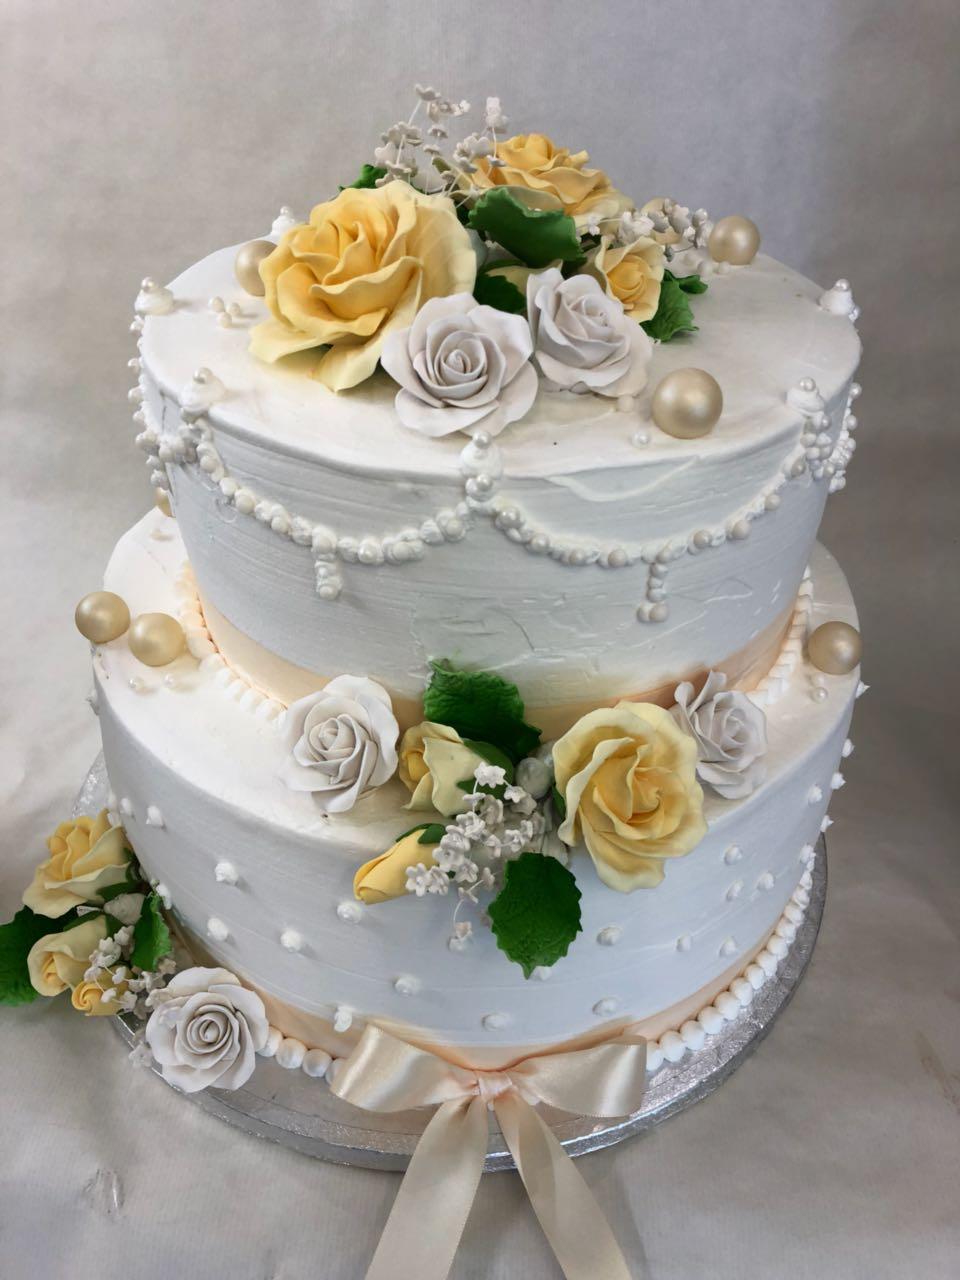 Am Sonntag wird geheiratet  Eistorten Shop